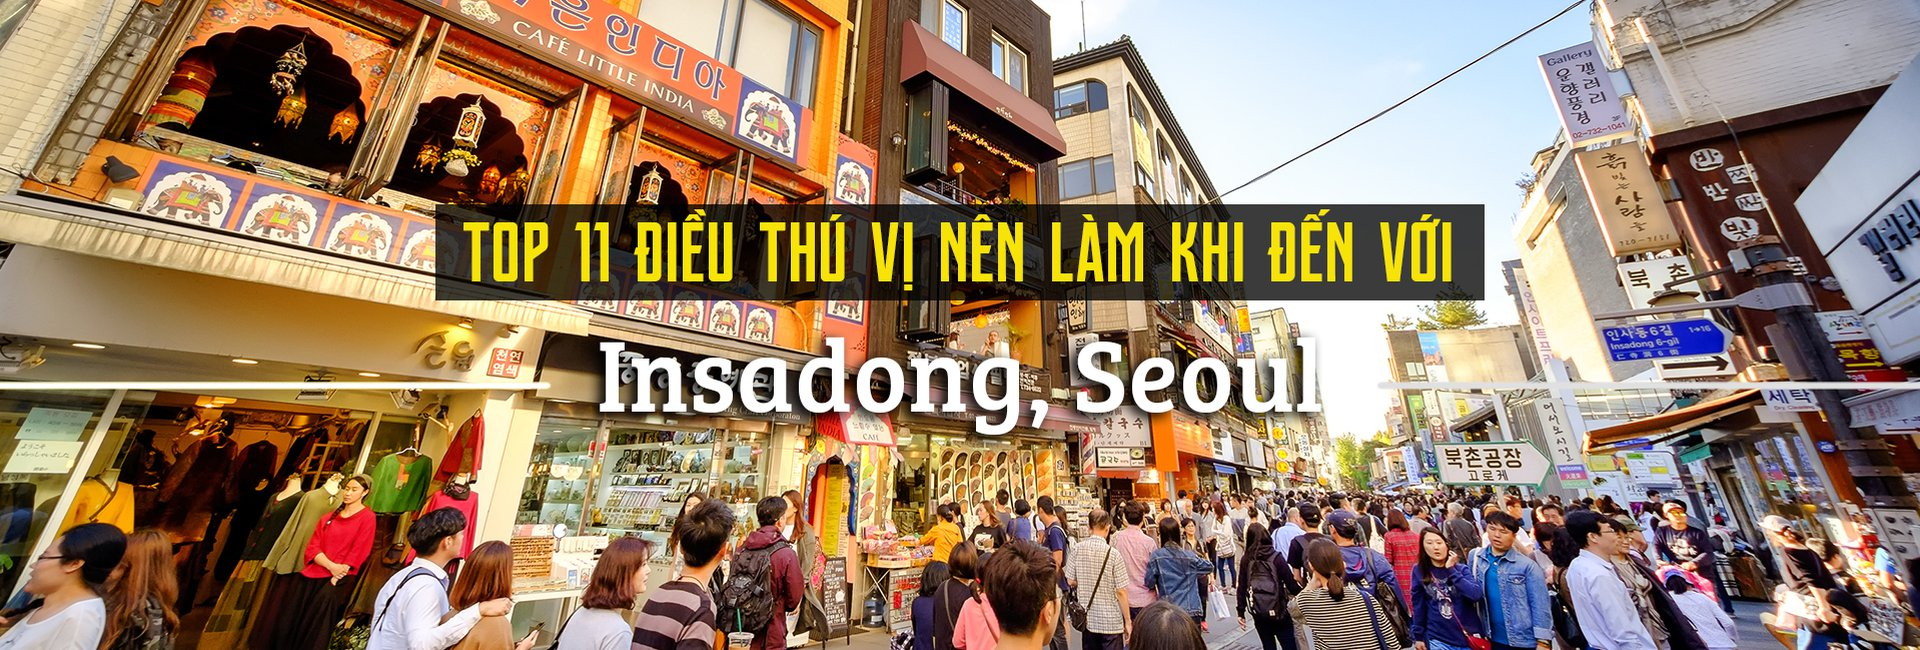 Top 11 điều bạn nên làm khi đến Insadong, Seoul